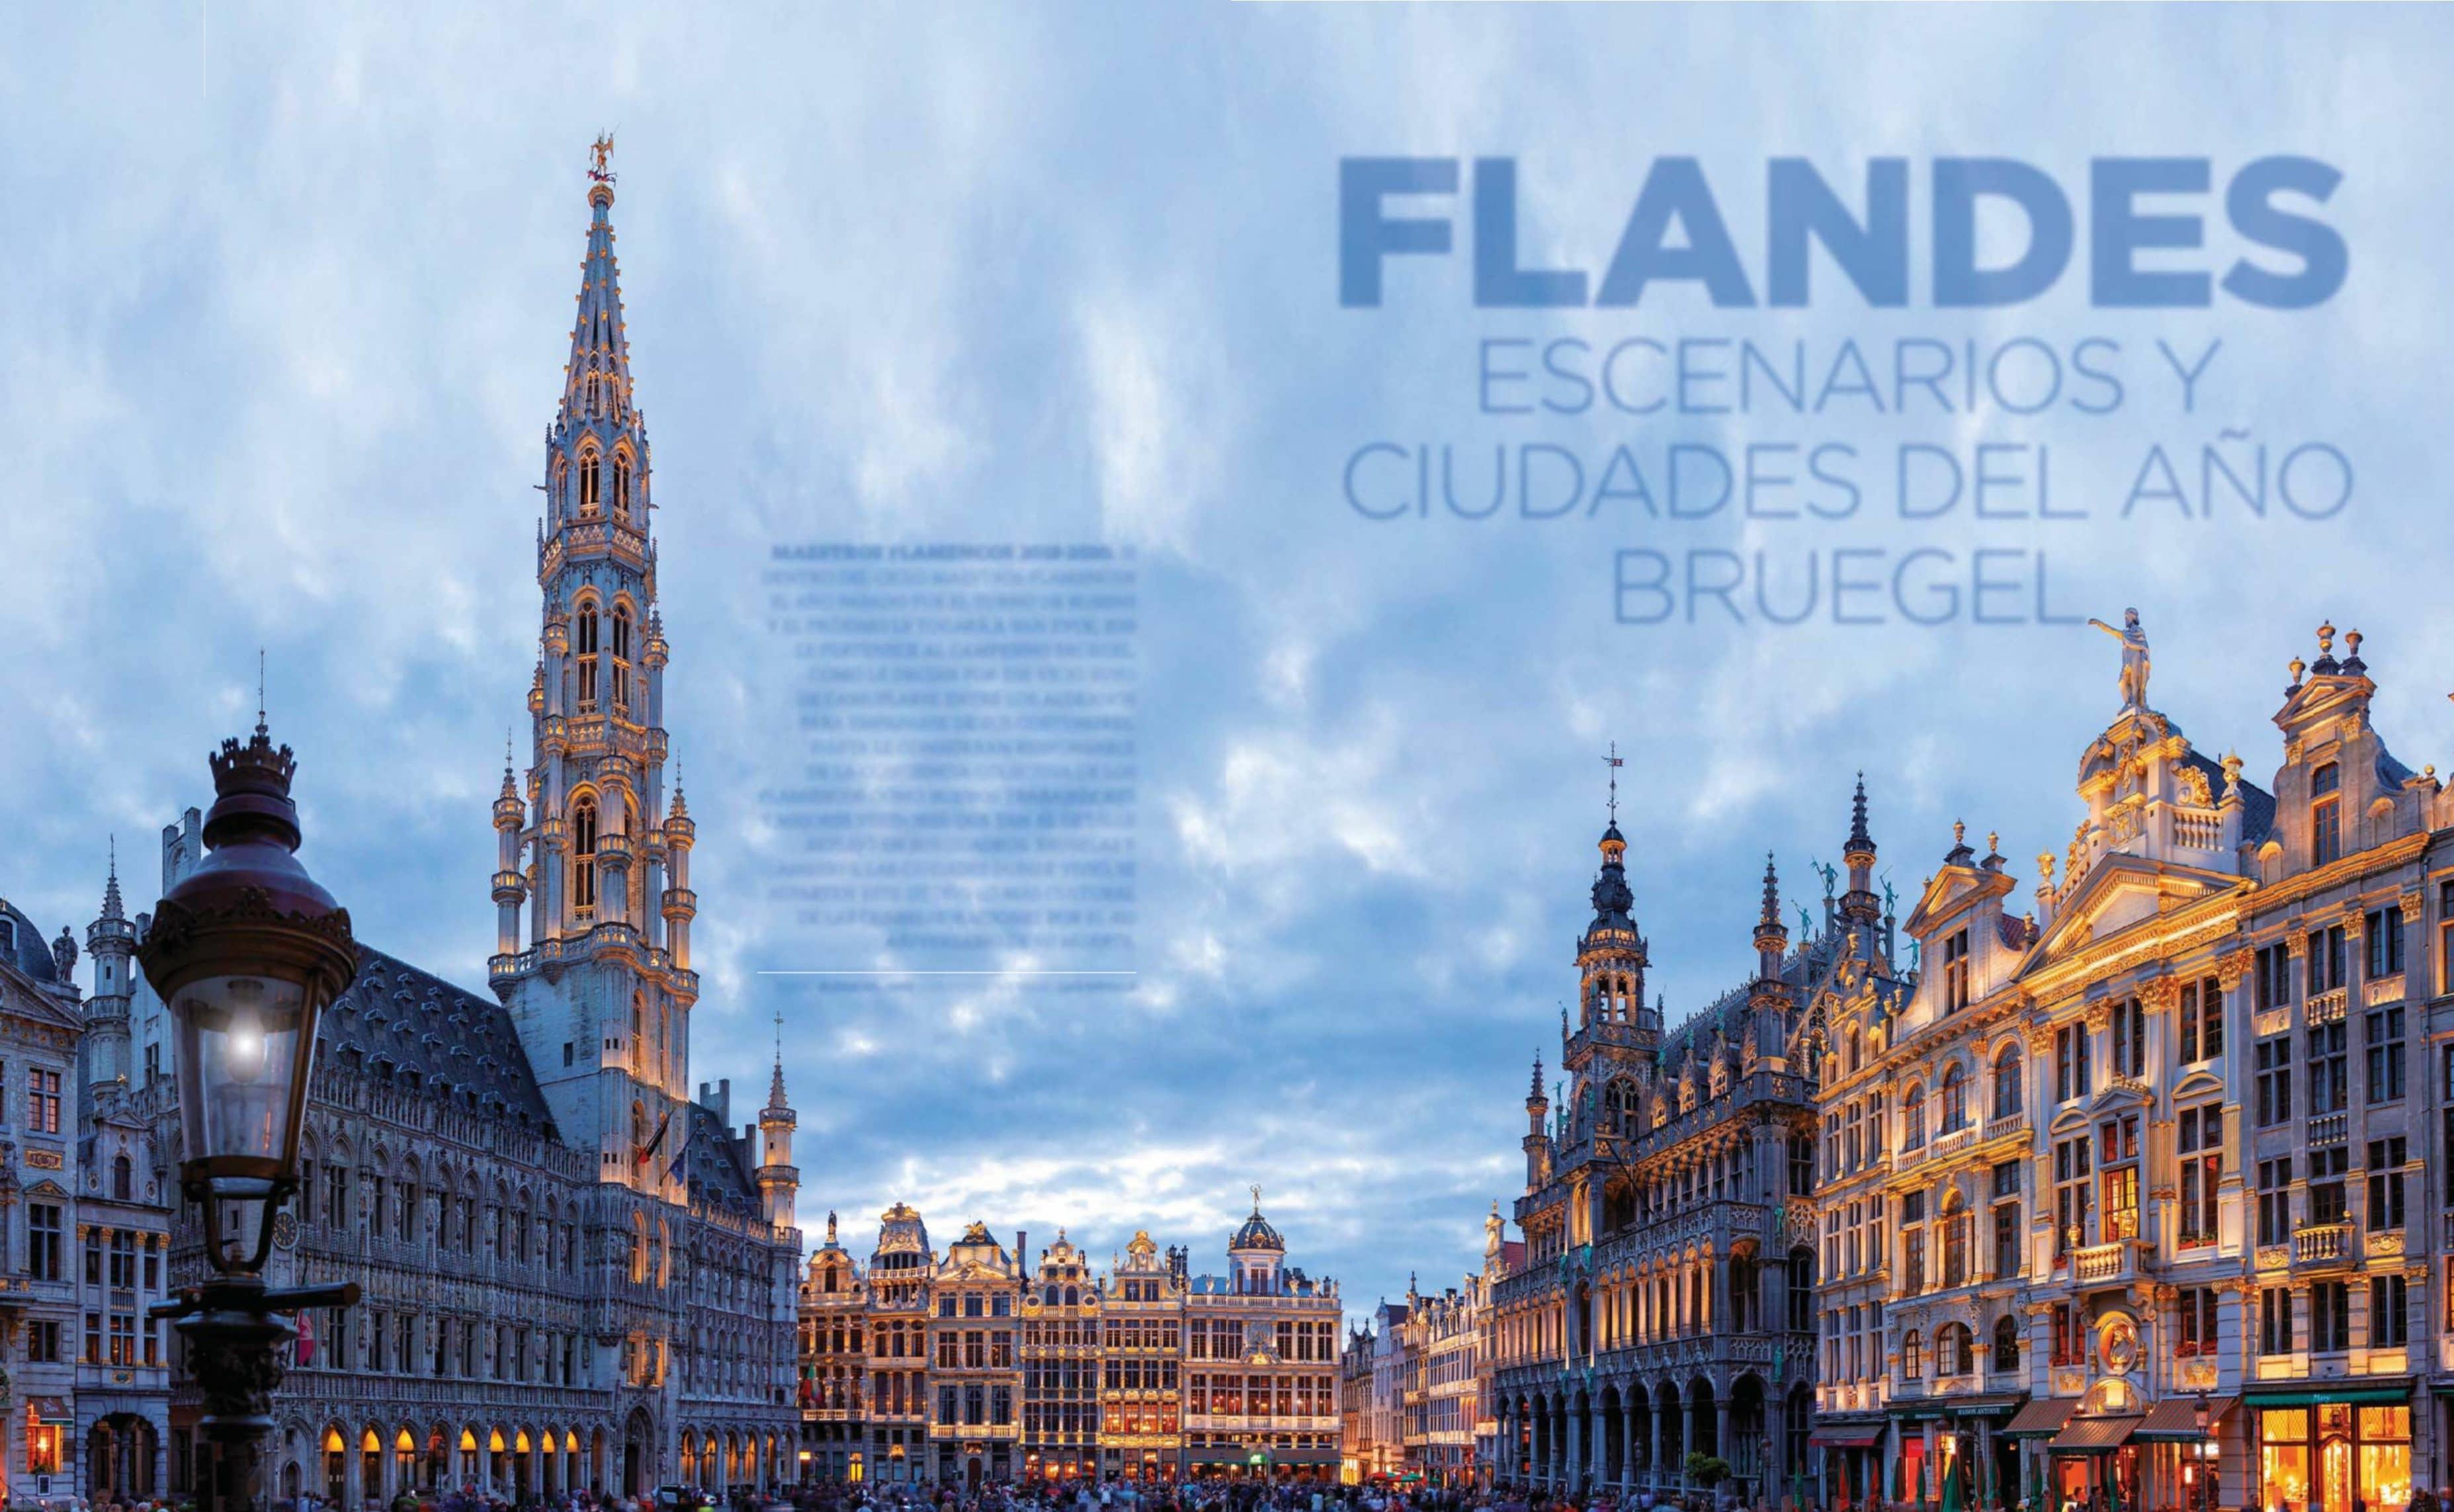 Flandes Escenarios Y Ciudades Del Año Bruegel